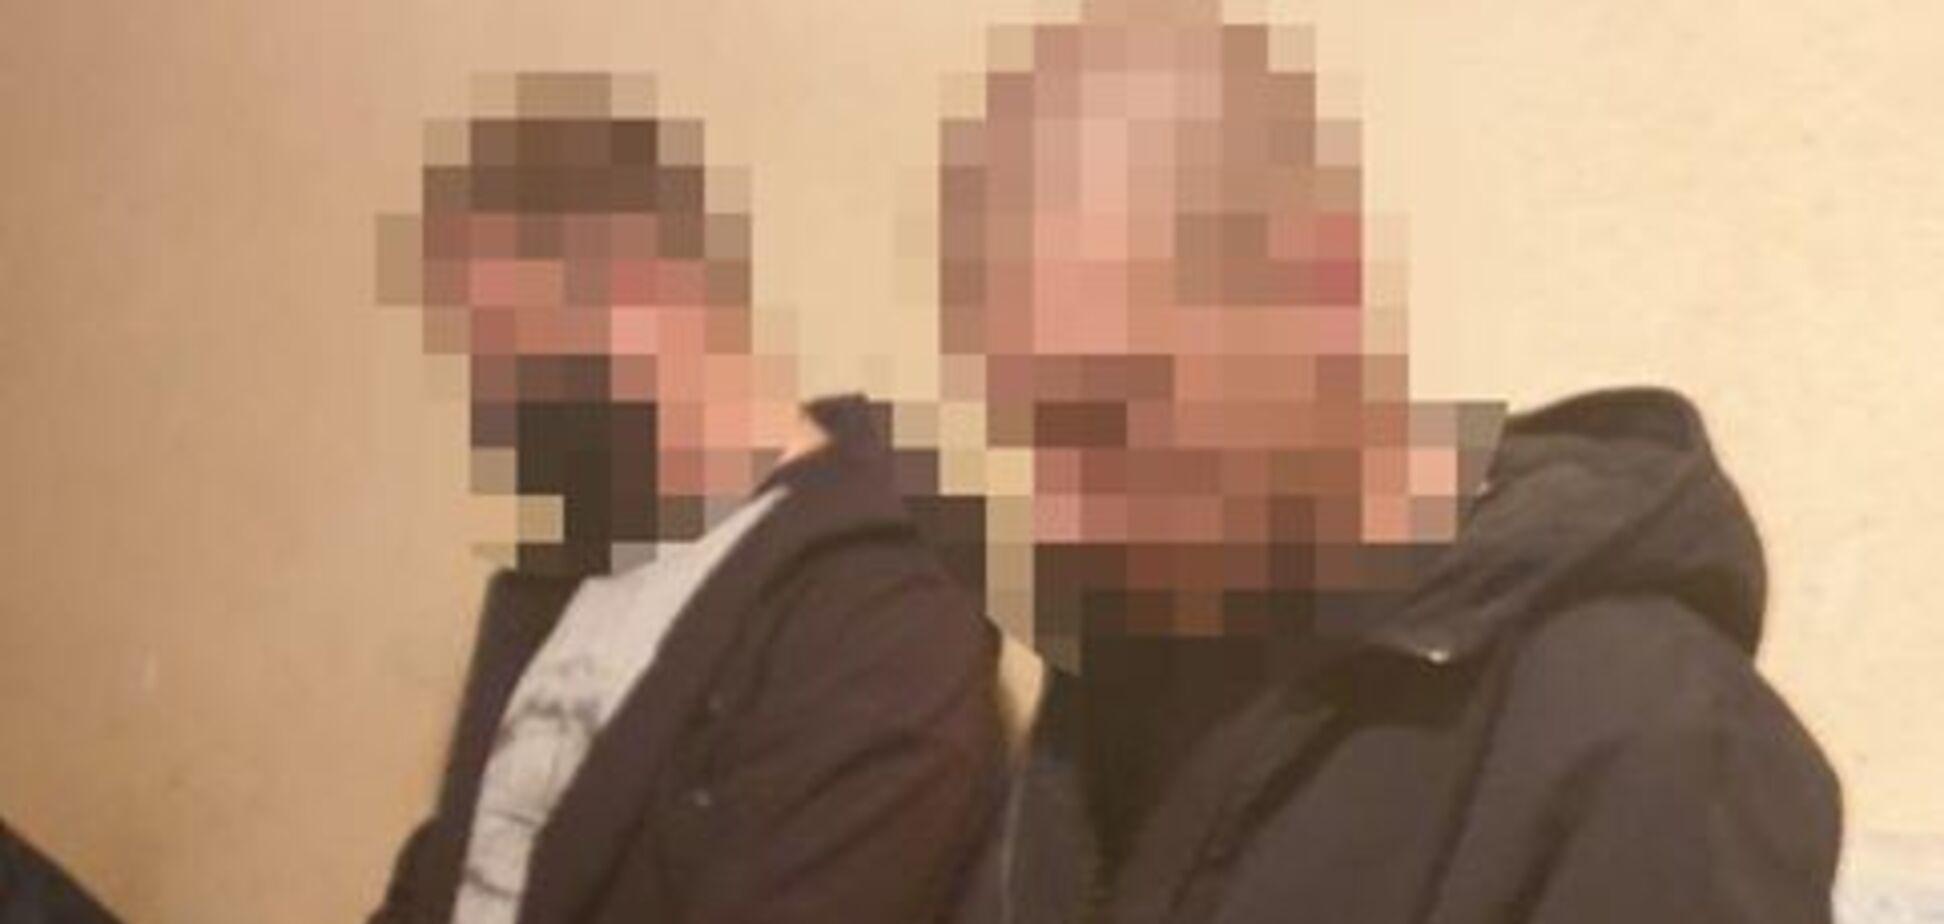 Названо імена поліцейських, які потрапили в секс-скандал на Київщині: один служив на Донбасі. Фото